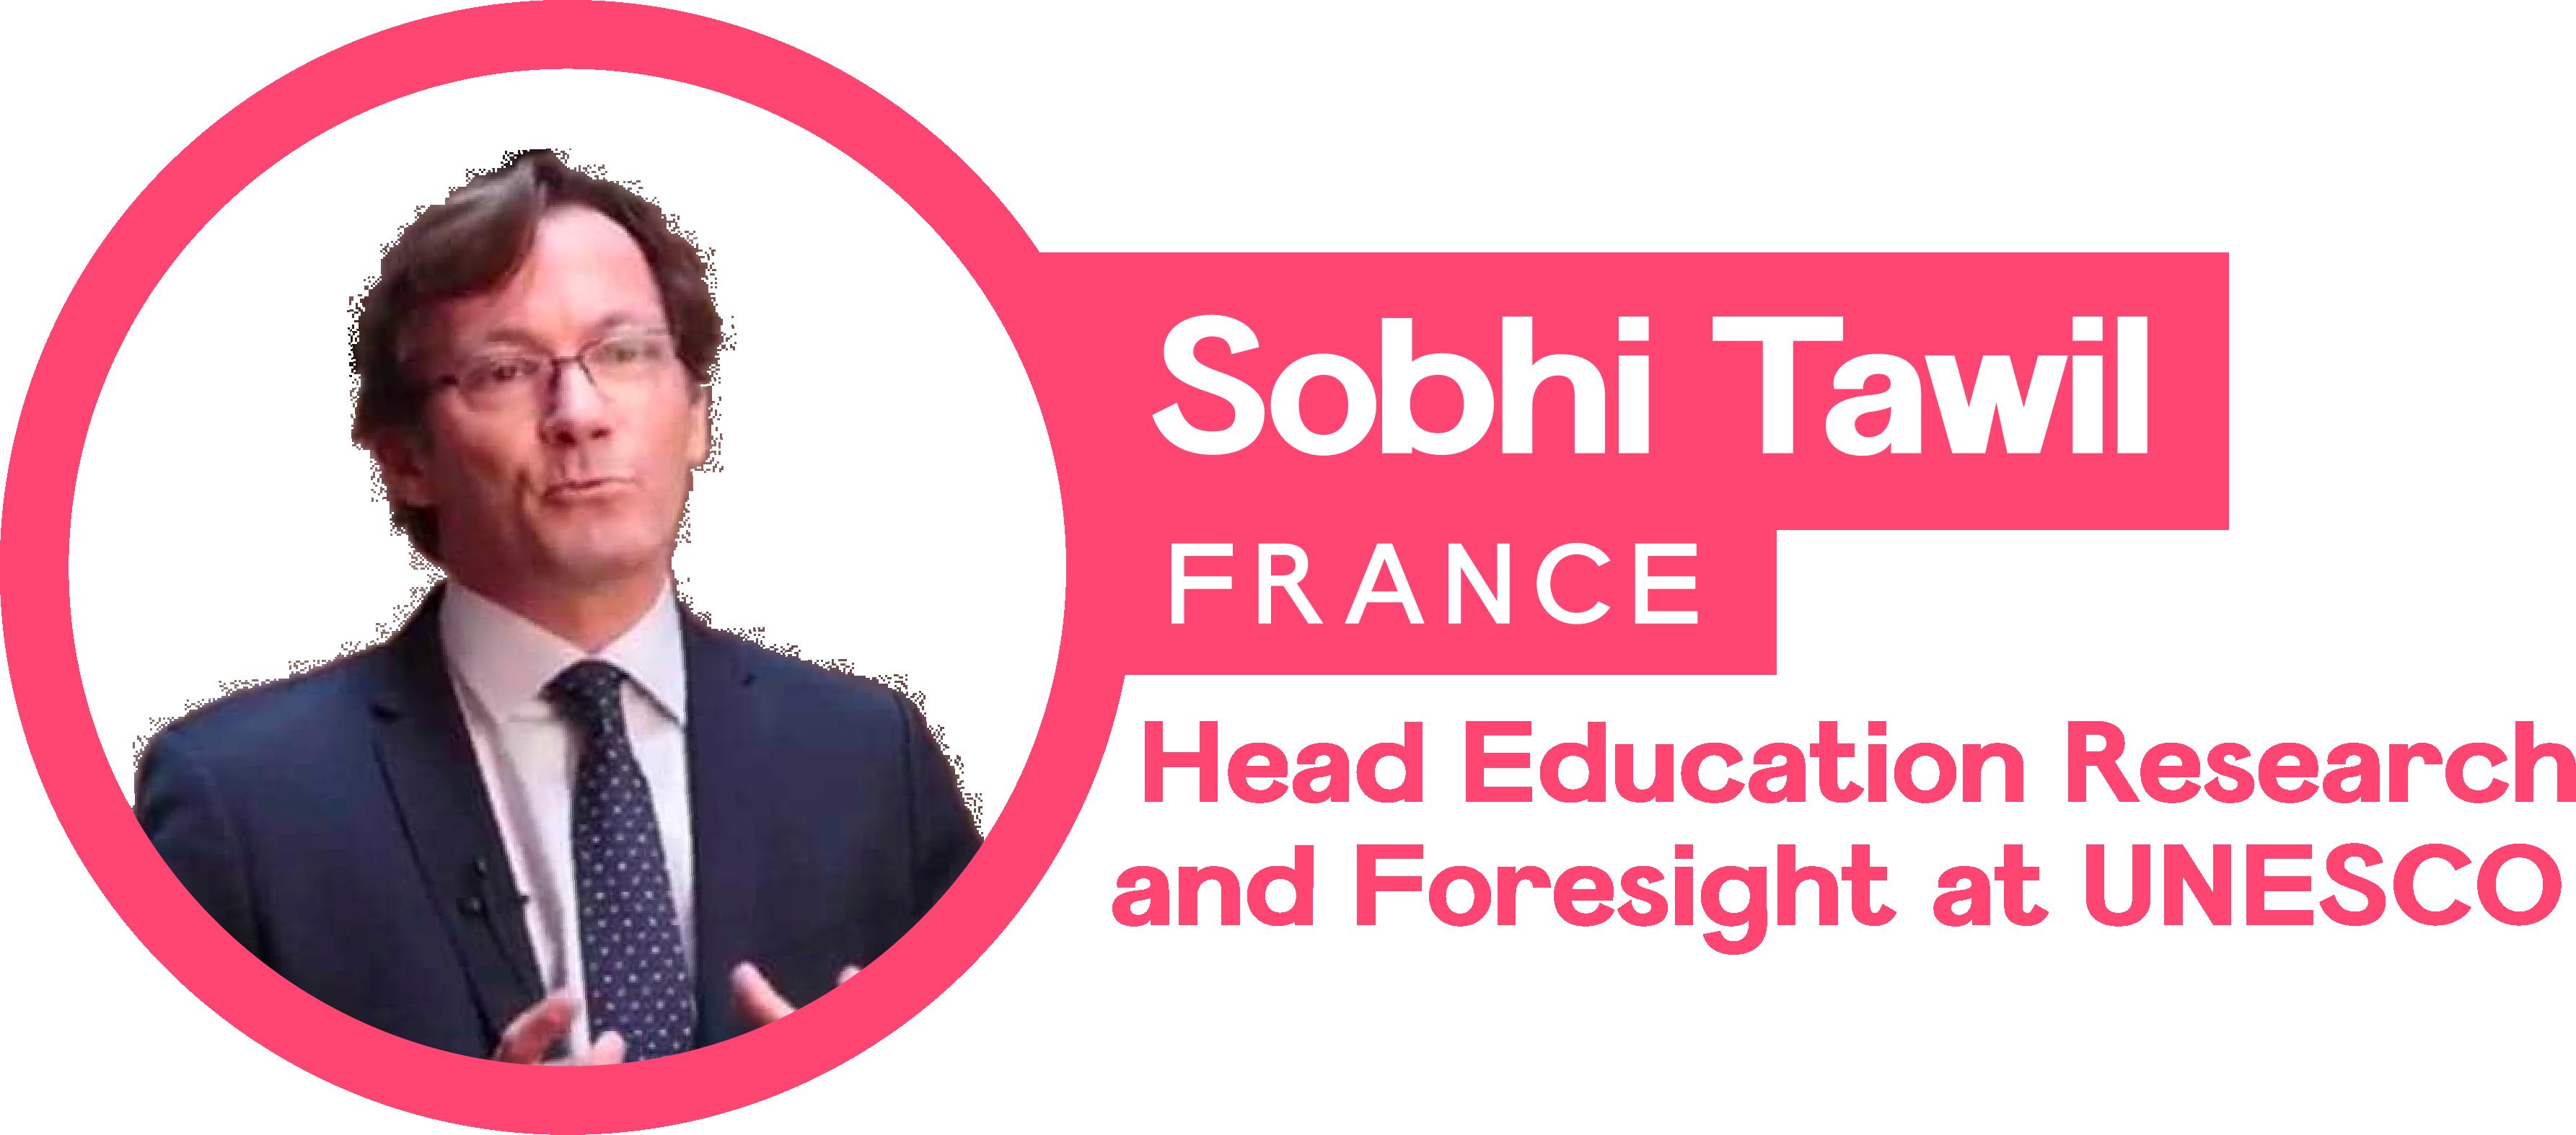 Sobhi Tawil